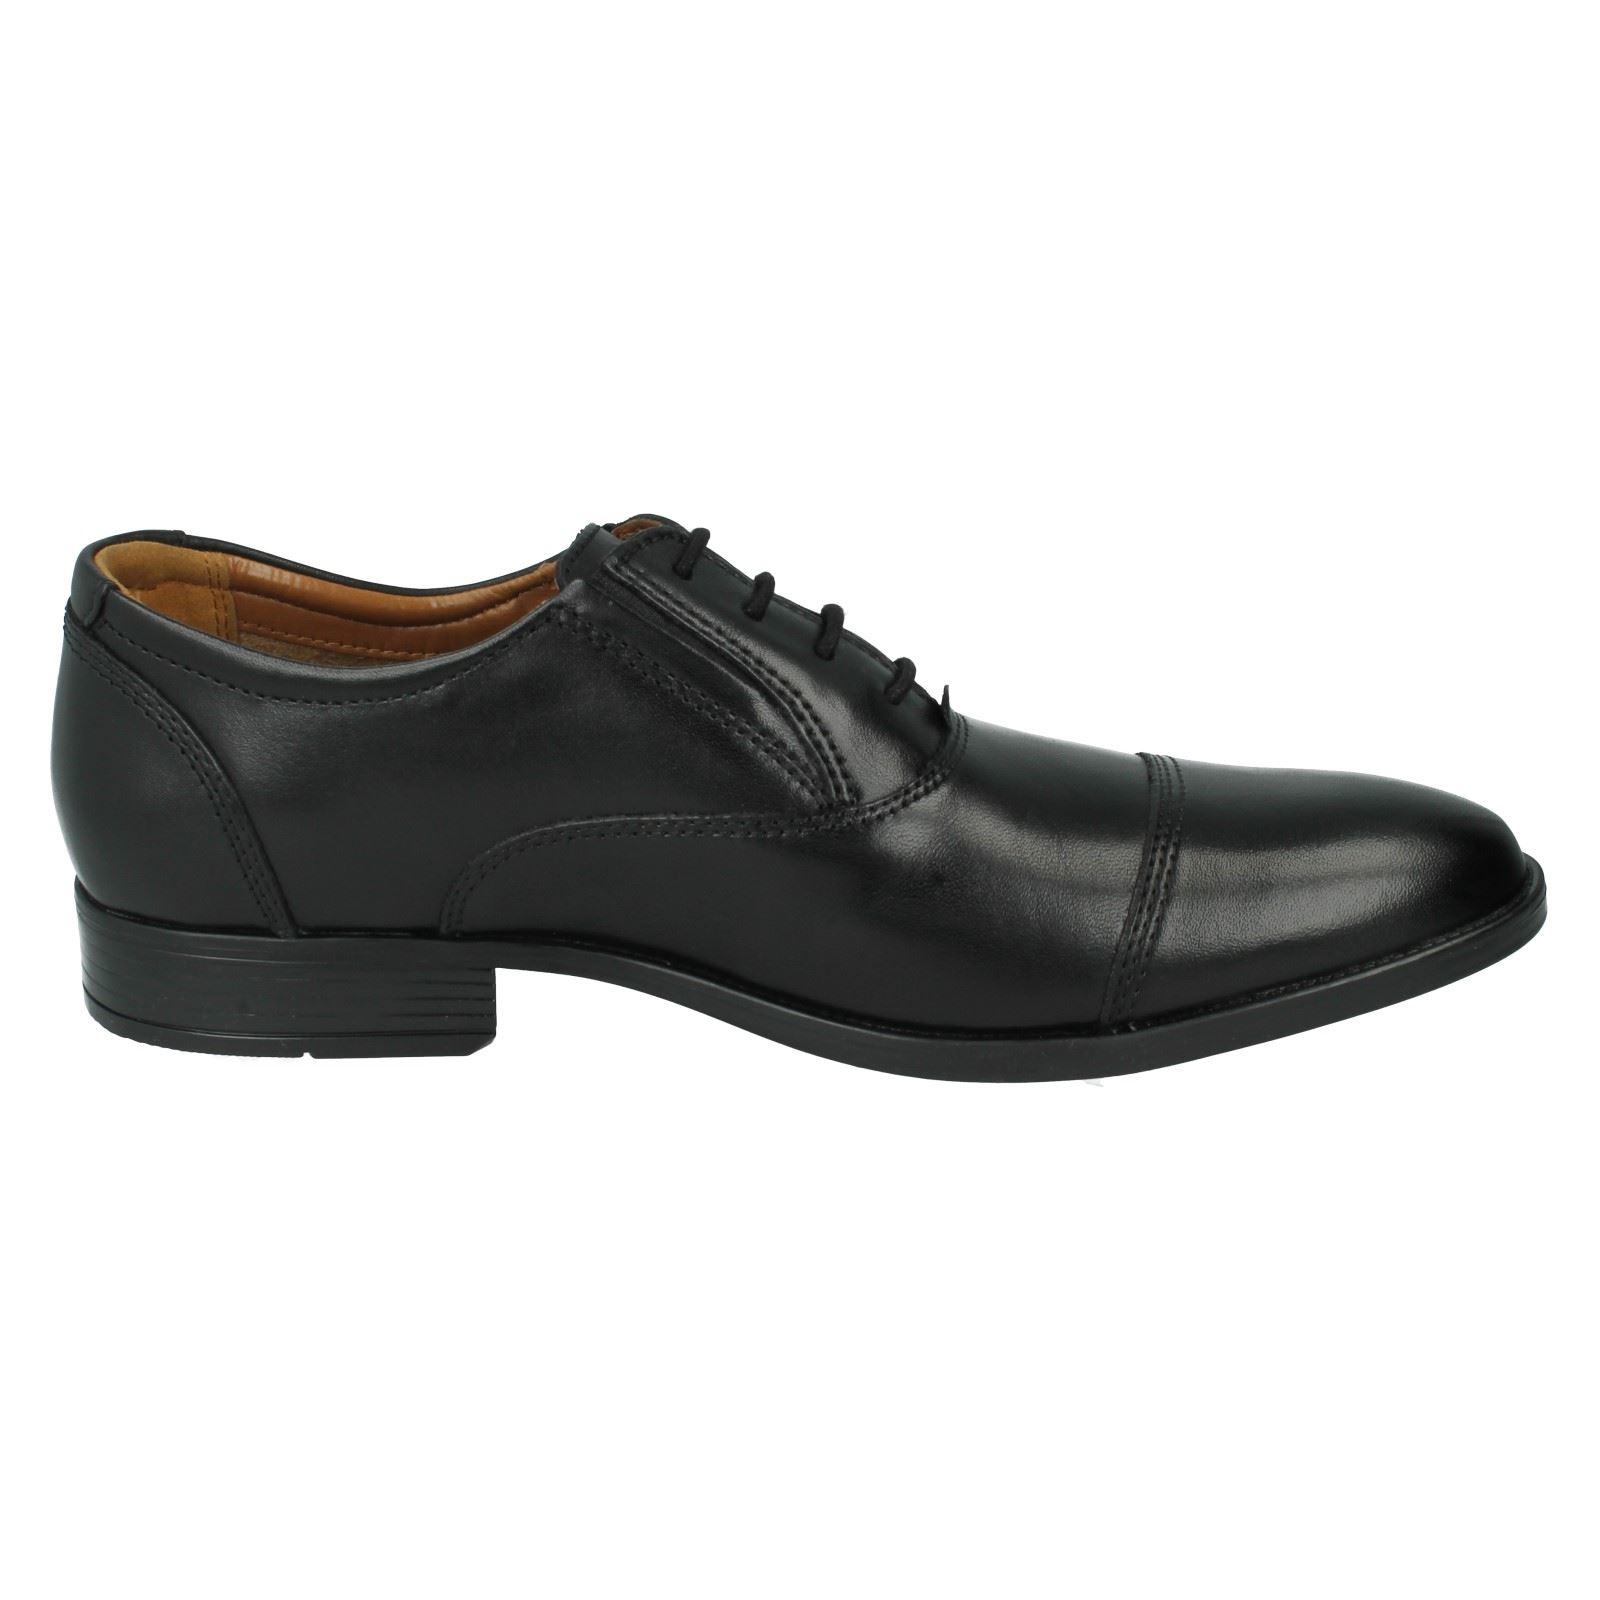 Uomo Clarks Formal Kalden Schuhes Label - Kalden Formal Cap 32751f